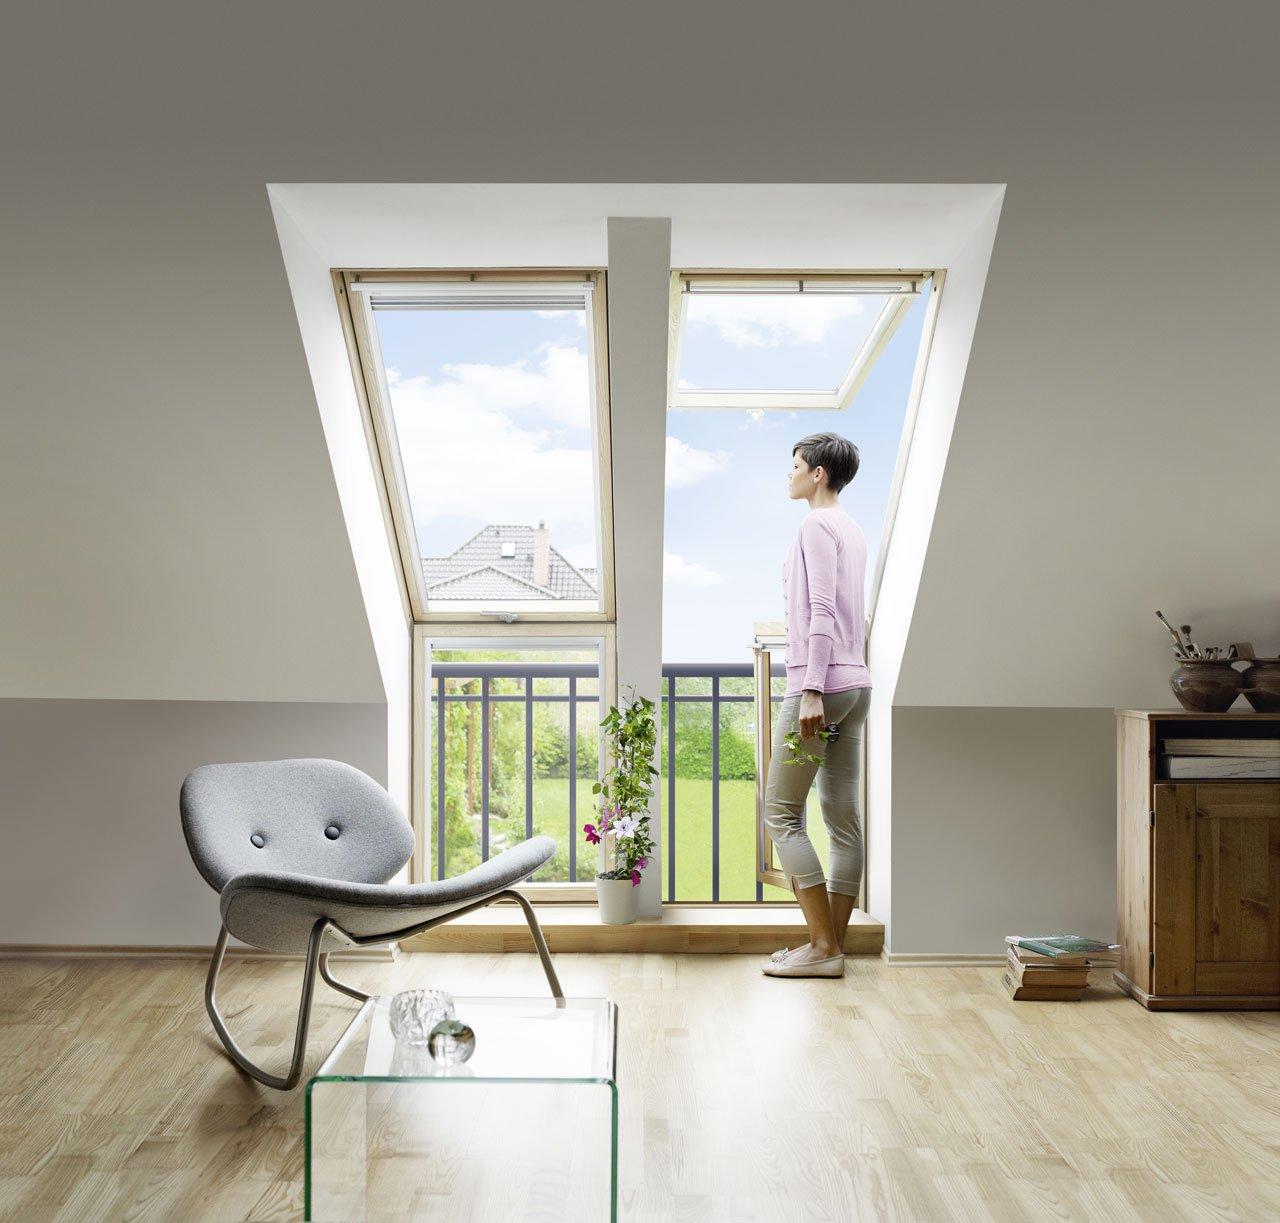 Dachfenster und dachverglasung sacher holzbau sacher holzbau - Dachfenster bilder ...